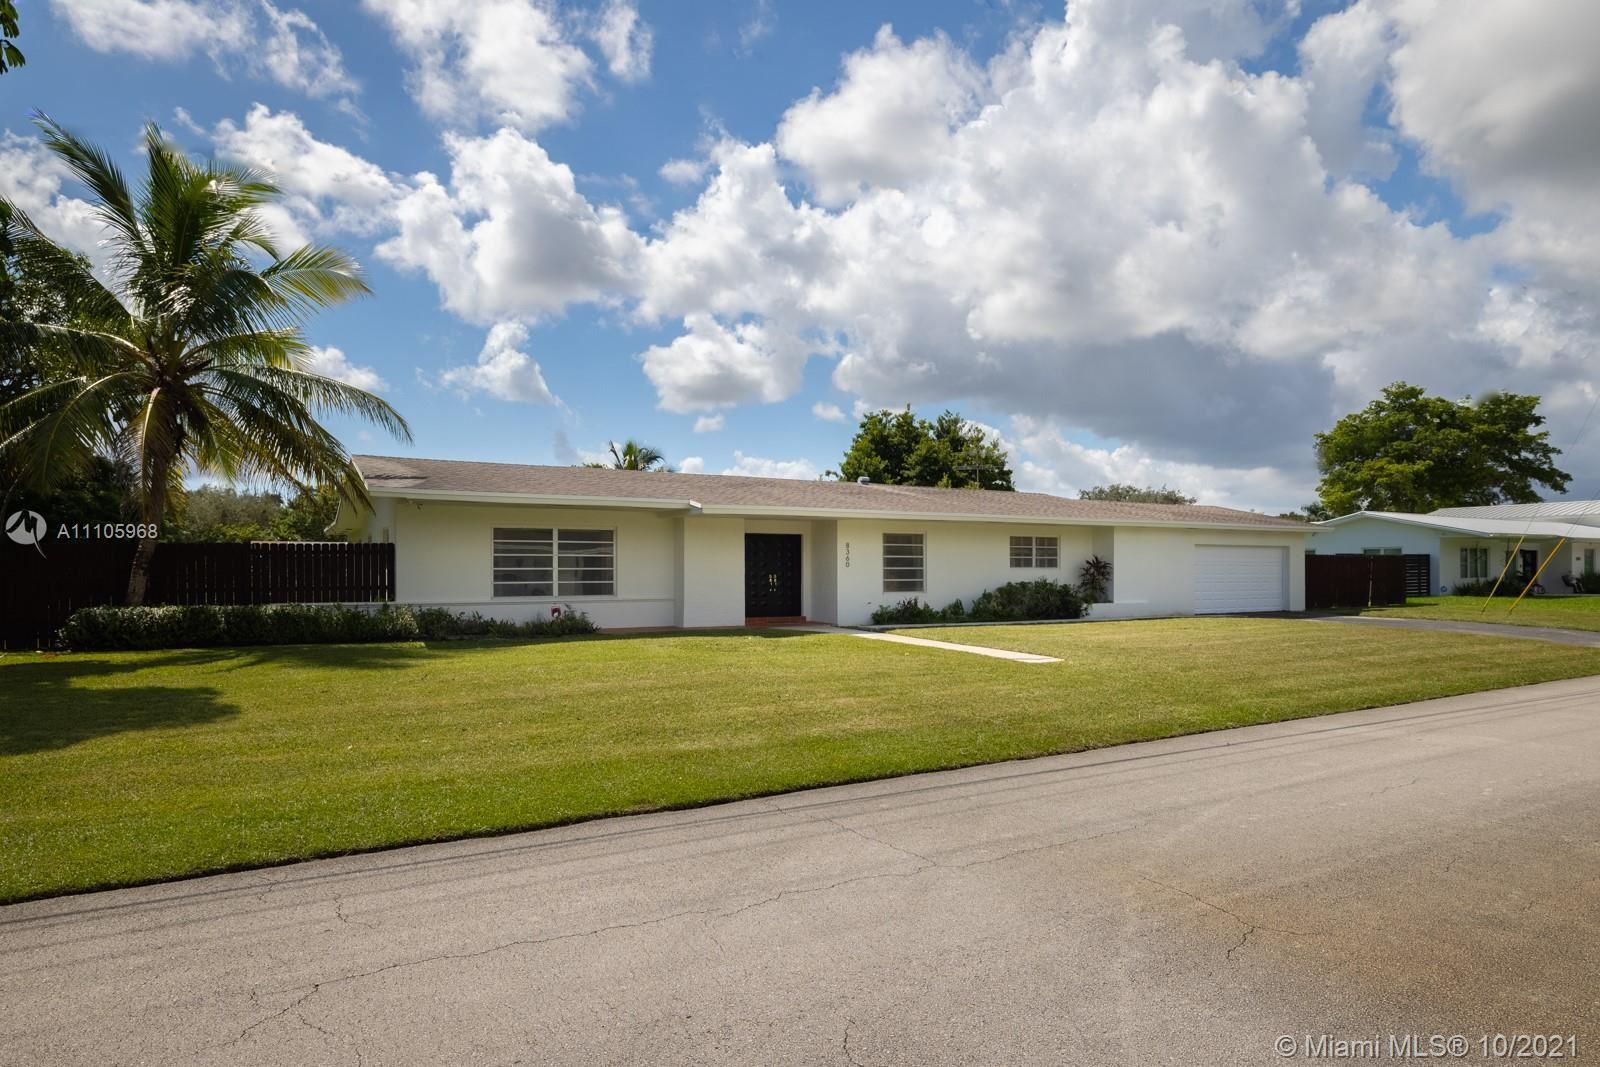 8360 SW 105th St, Miami, FL 33156 - #: A11105968